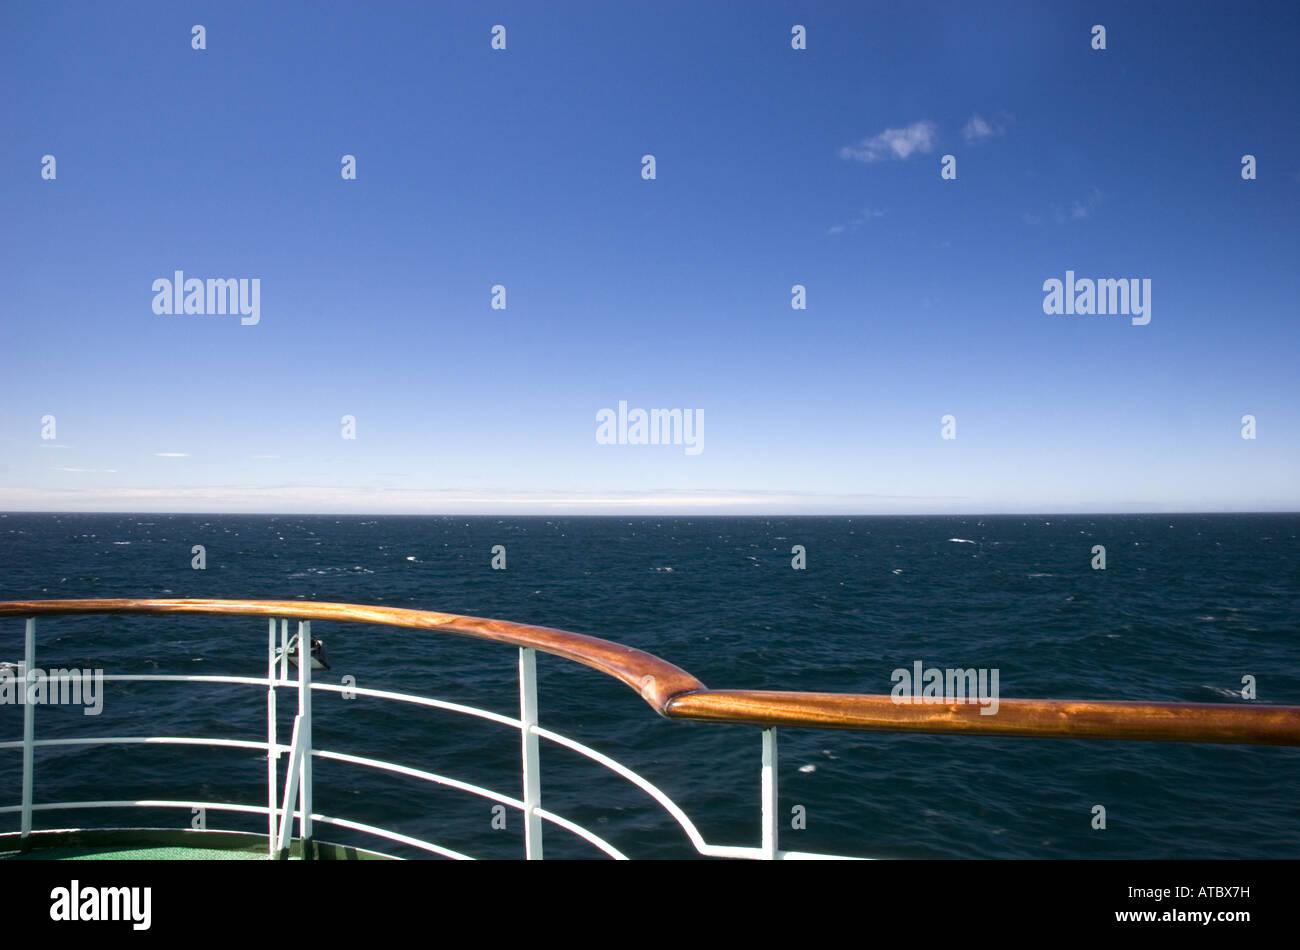 Balustrade des Schiffs- und Blick auf das Meer Stockbild